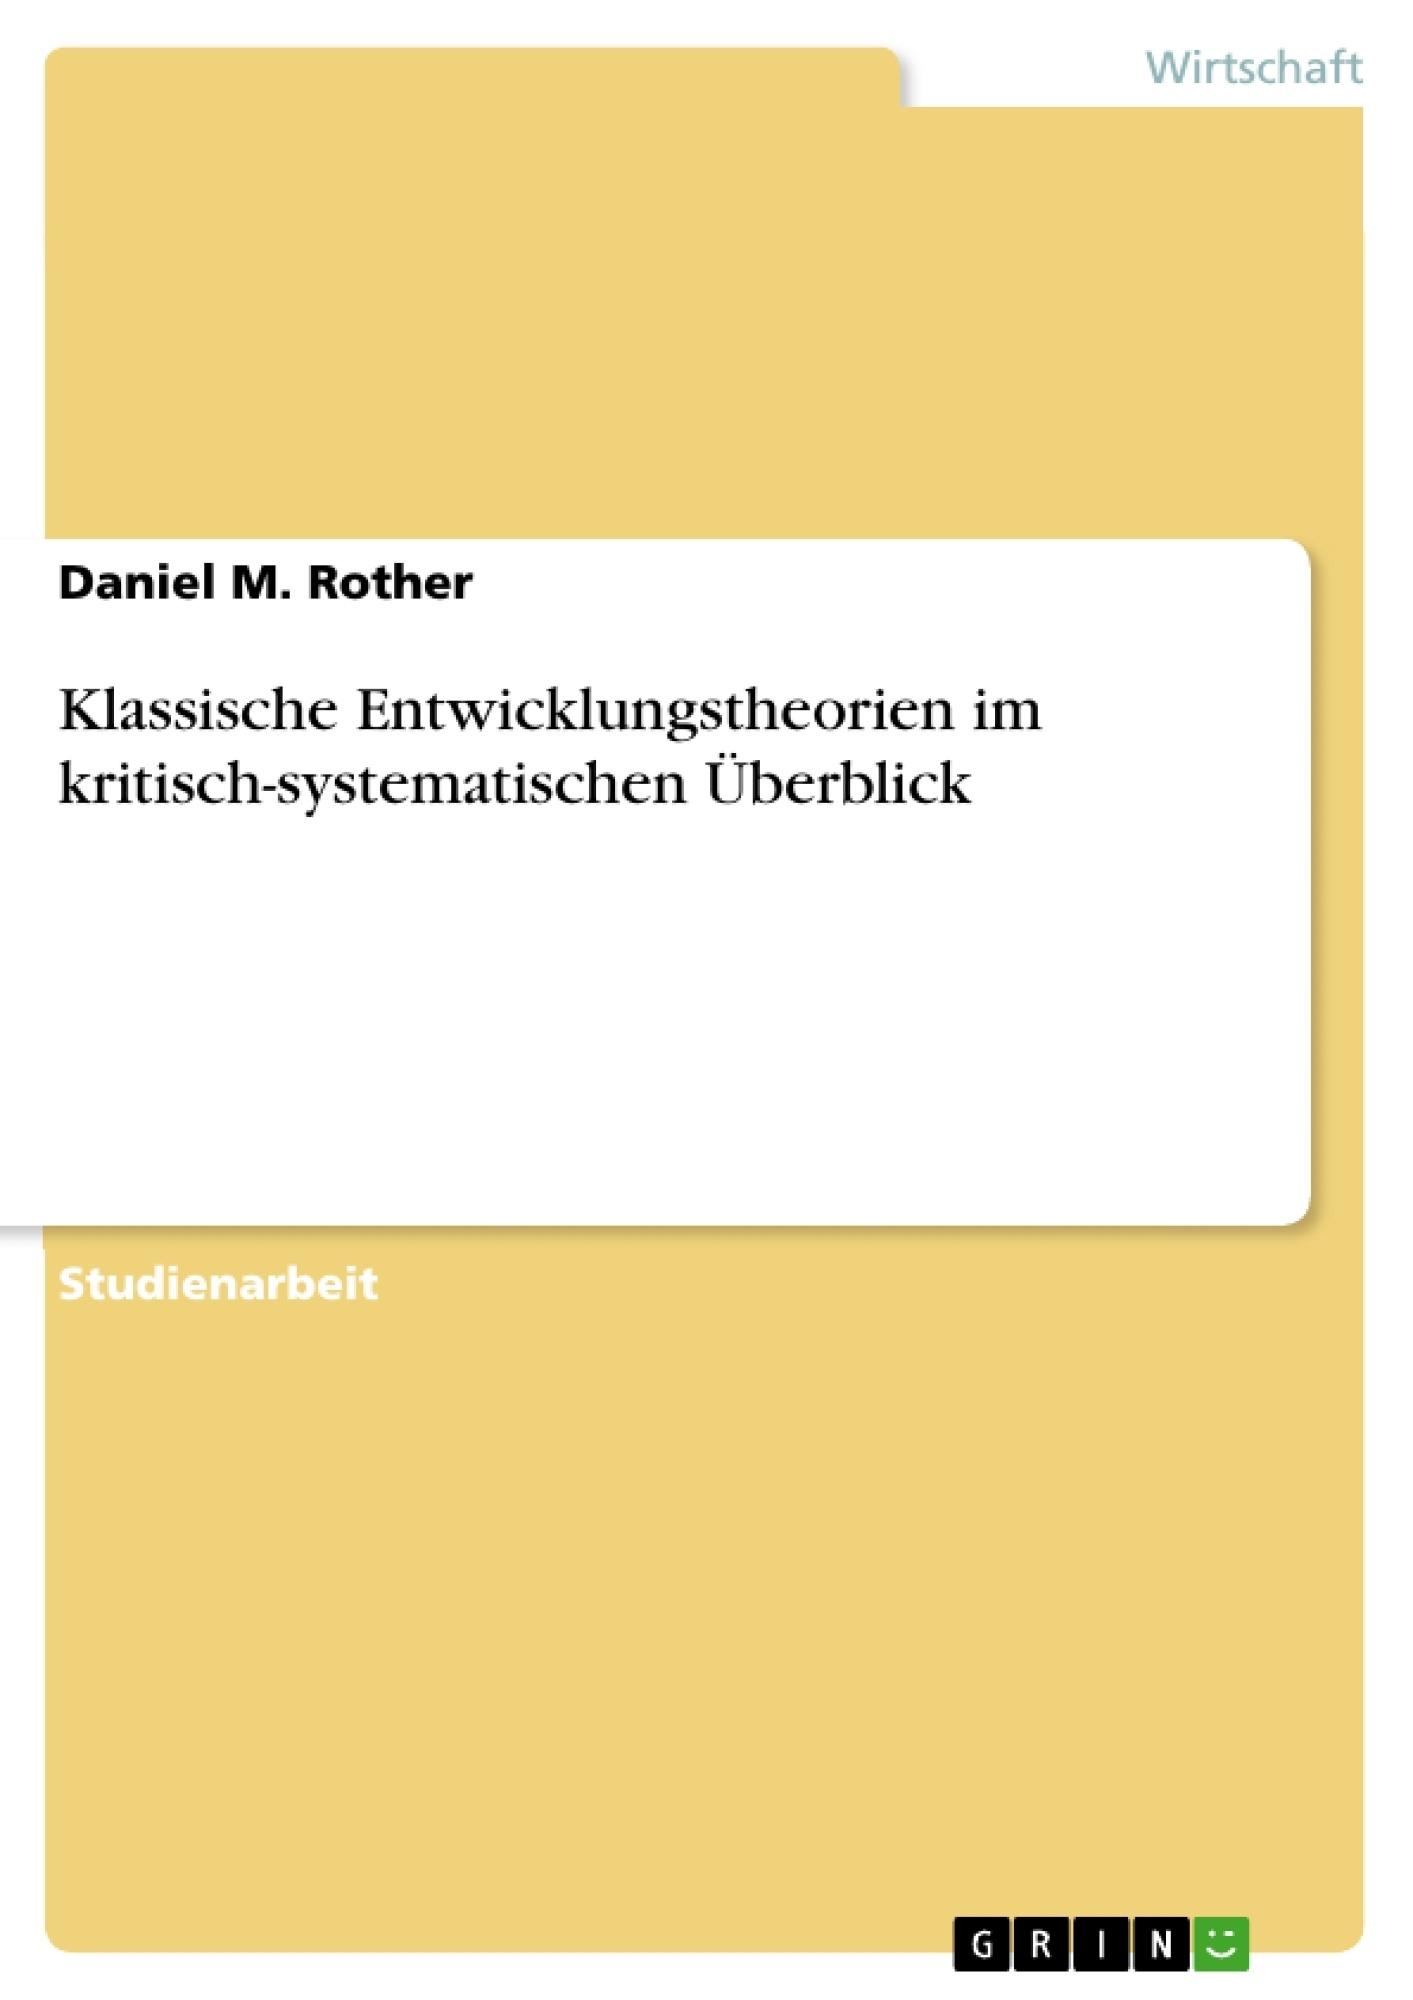 Titel: Klassische Entwicklungstheorien im kritisch-systematischen Überblick